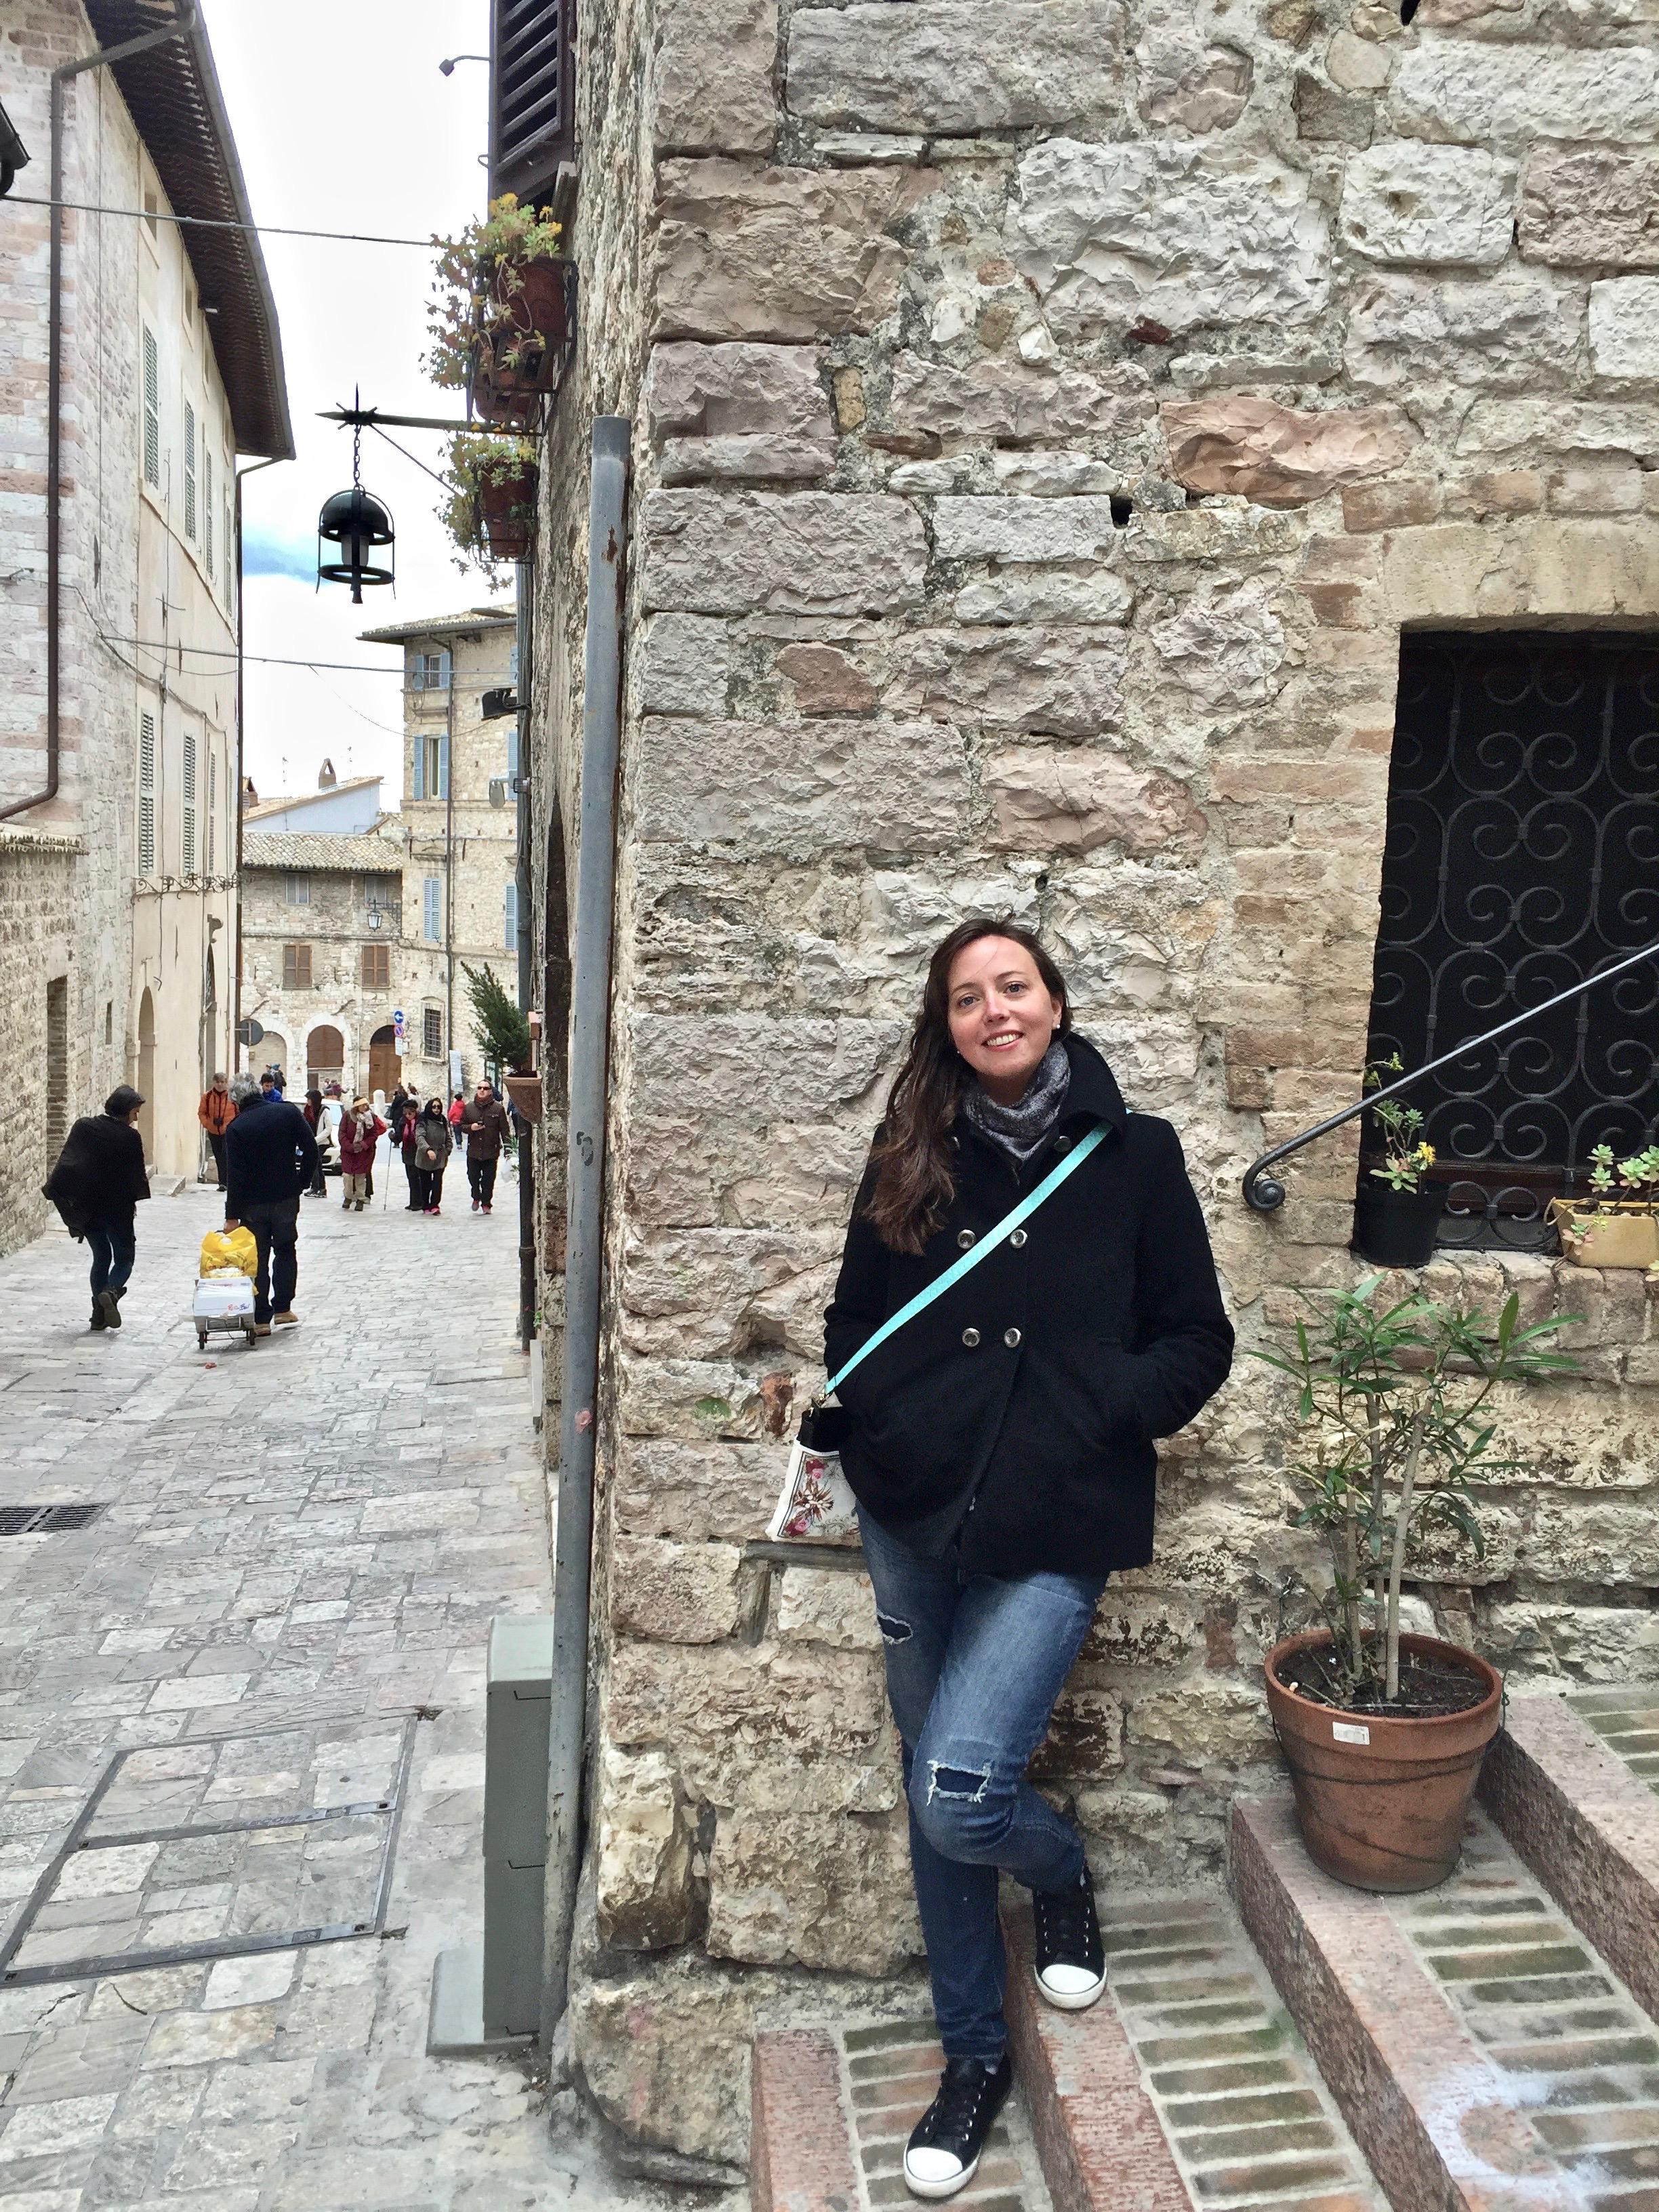 festeggiare in viaggio - Assisi